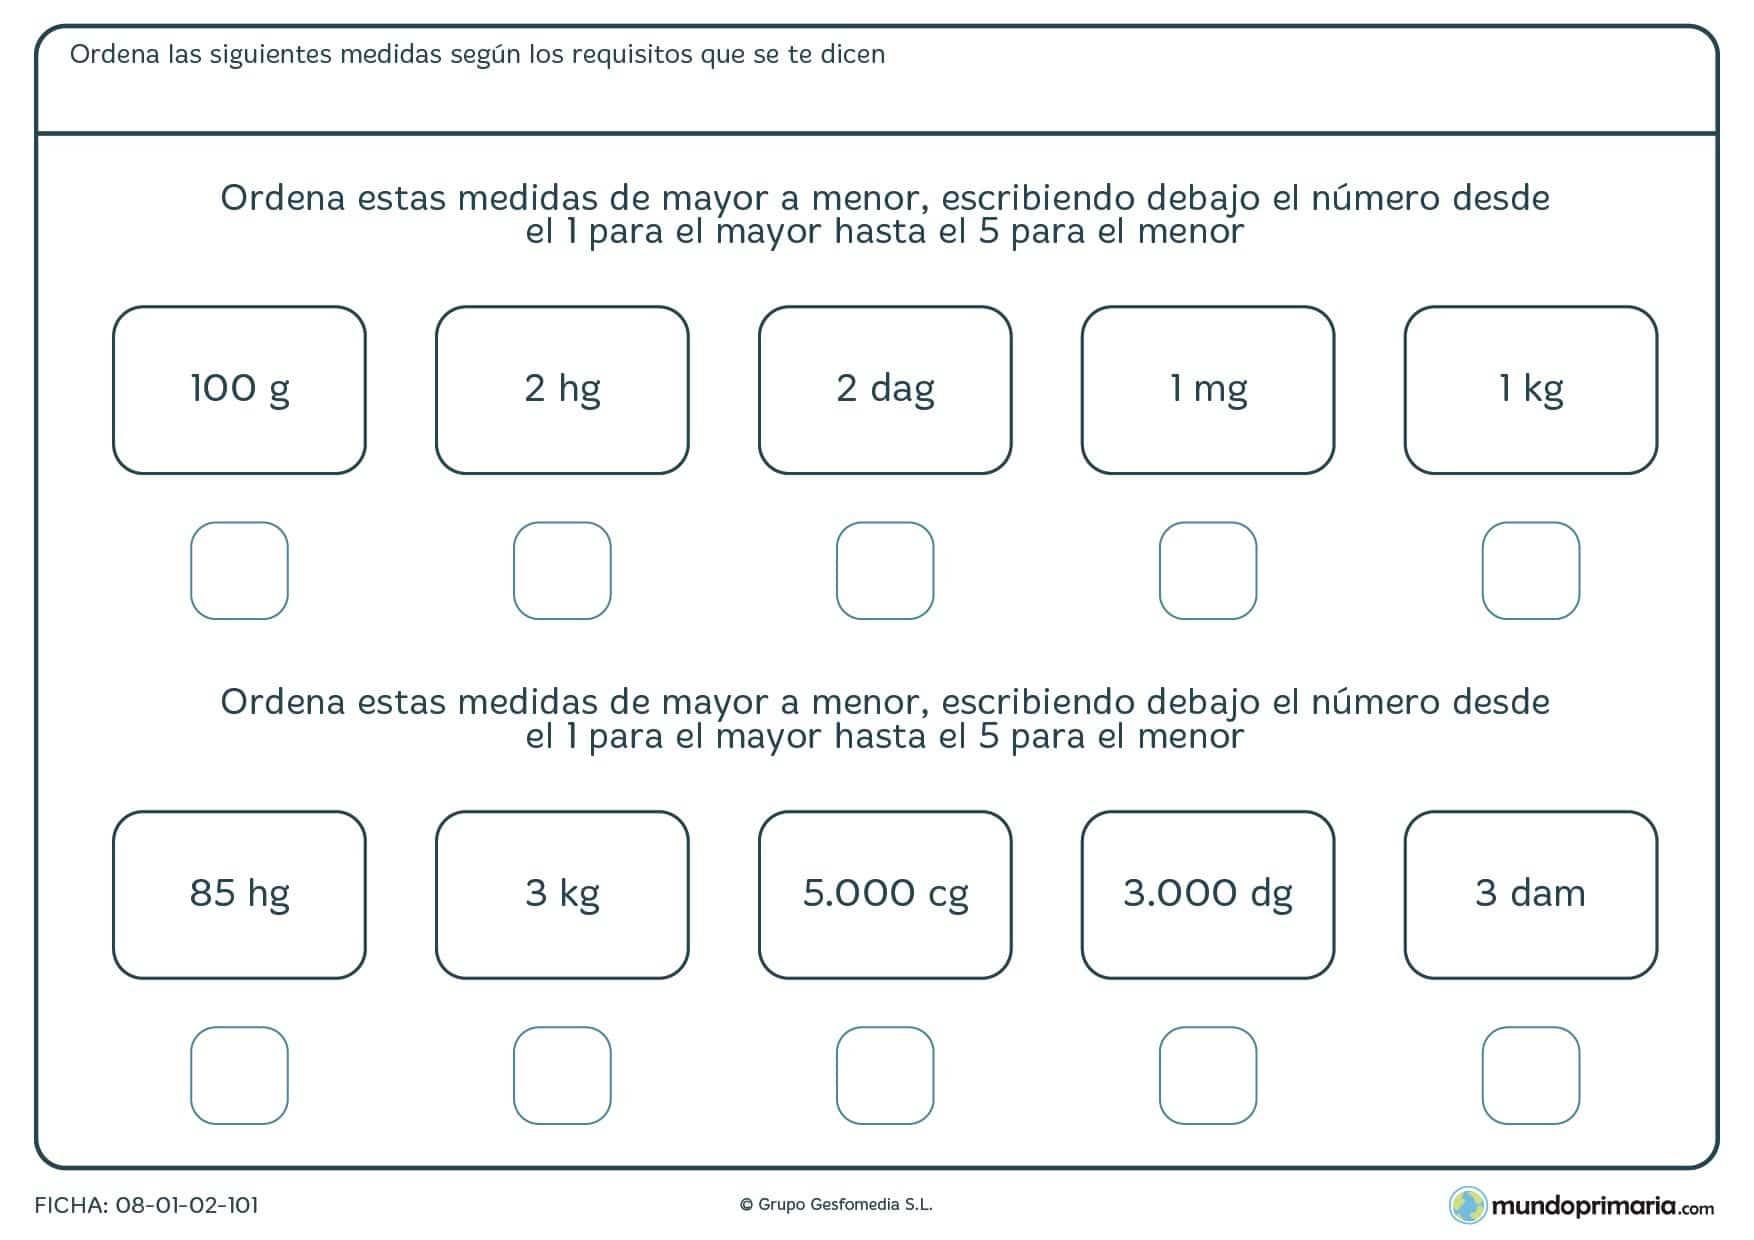 Ficha de ordenar pesos con diferentes unidades, de mayor a menor.